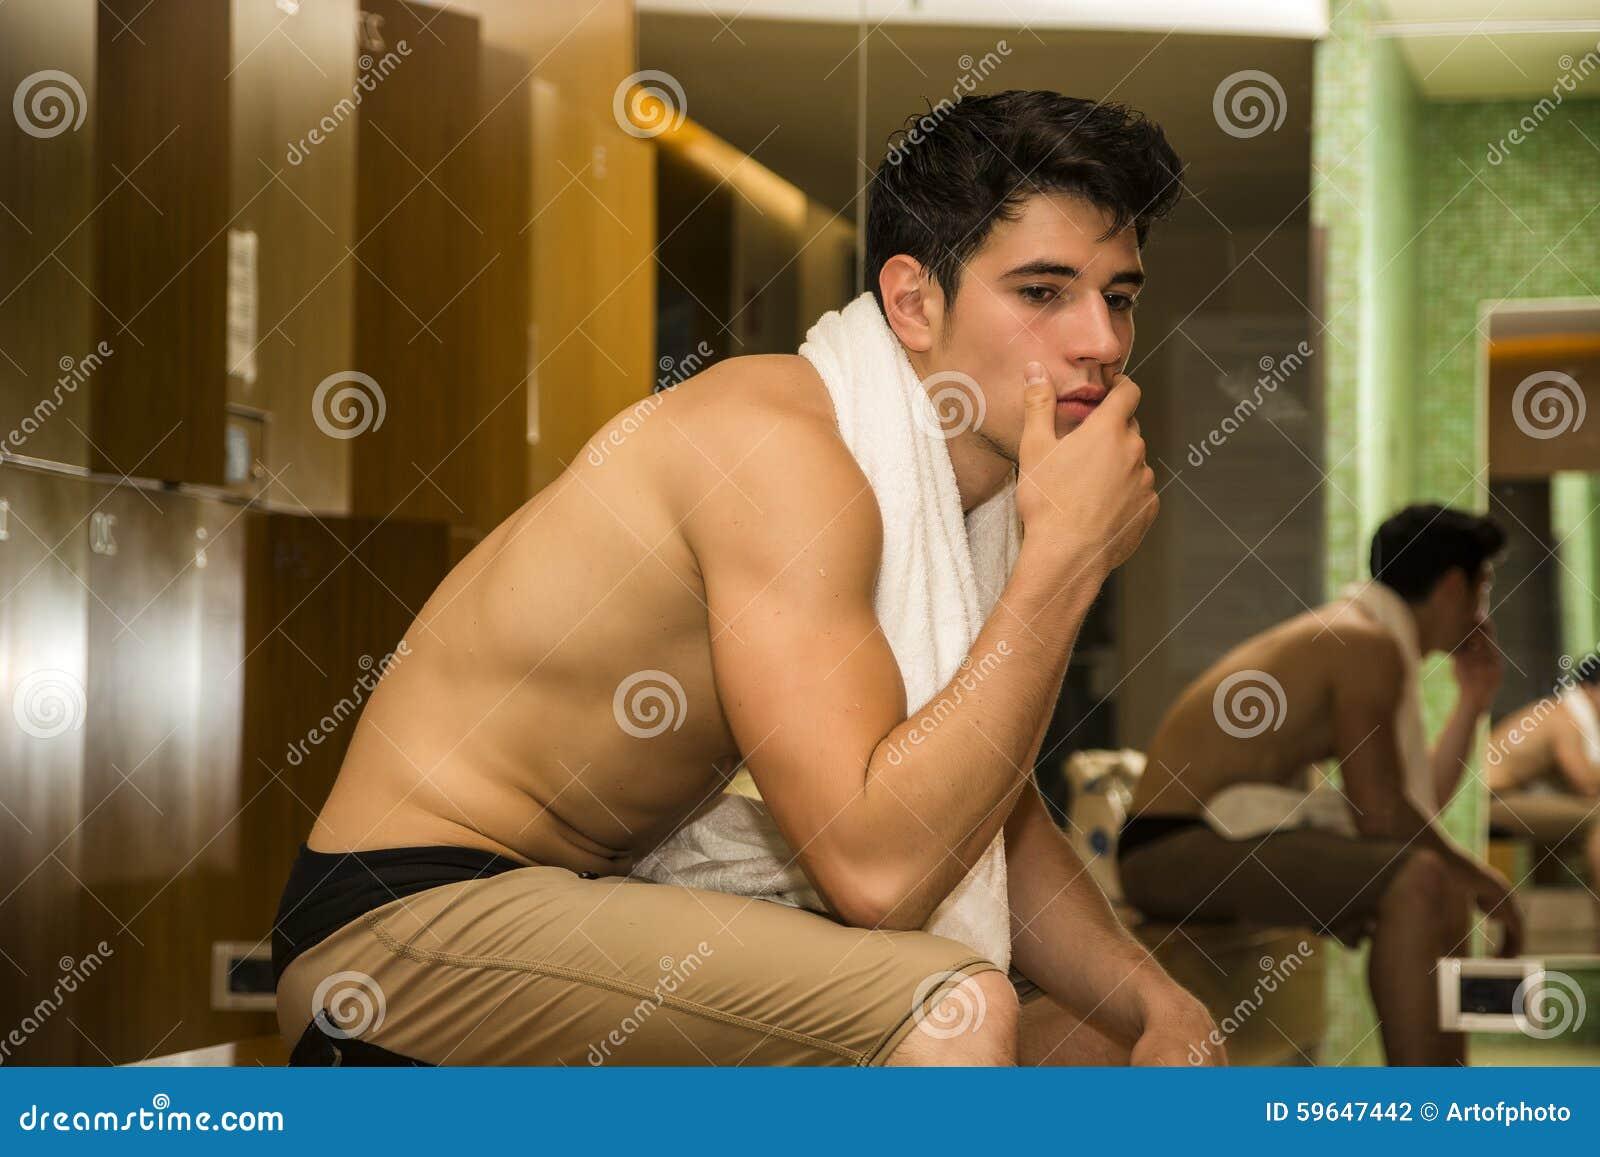 Смотреть как трахаются в раздевалке, Страстный Секс В Раздевалке, Неожиданный Перепих 24 фотография